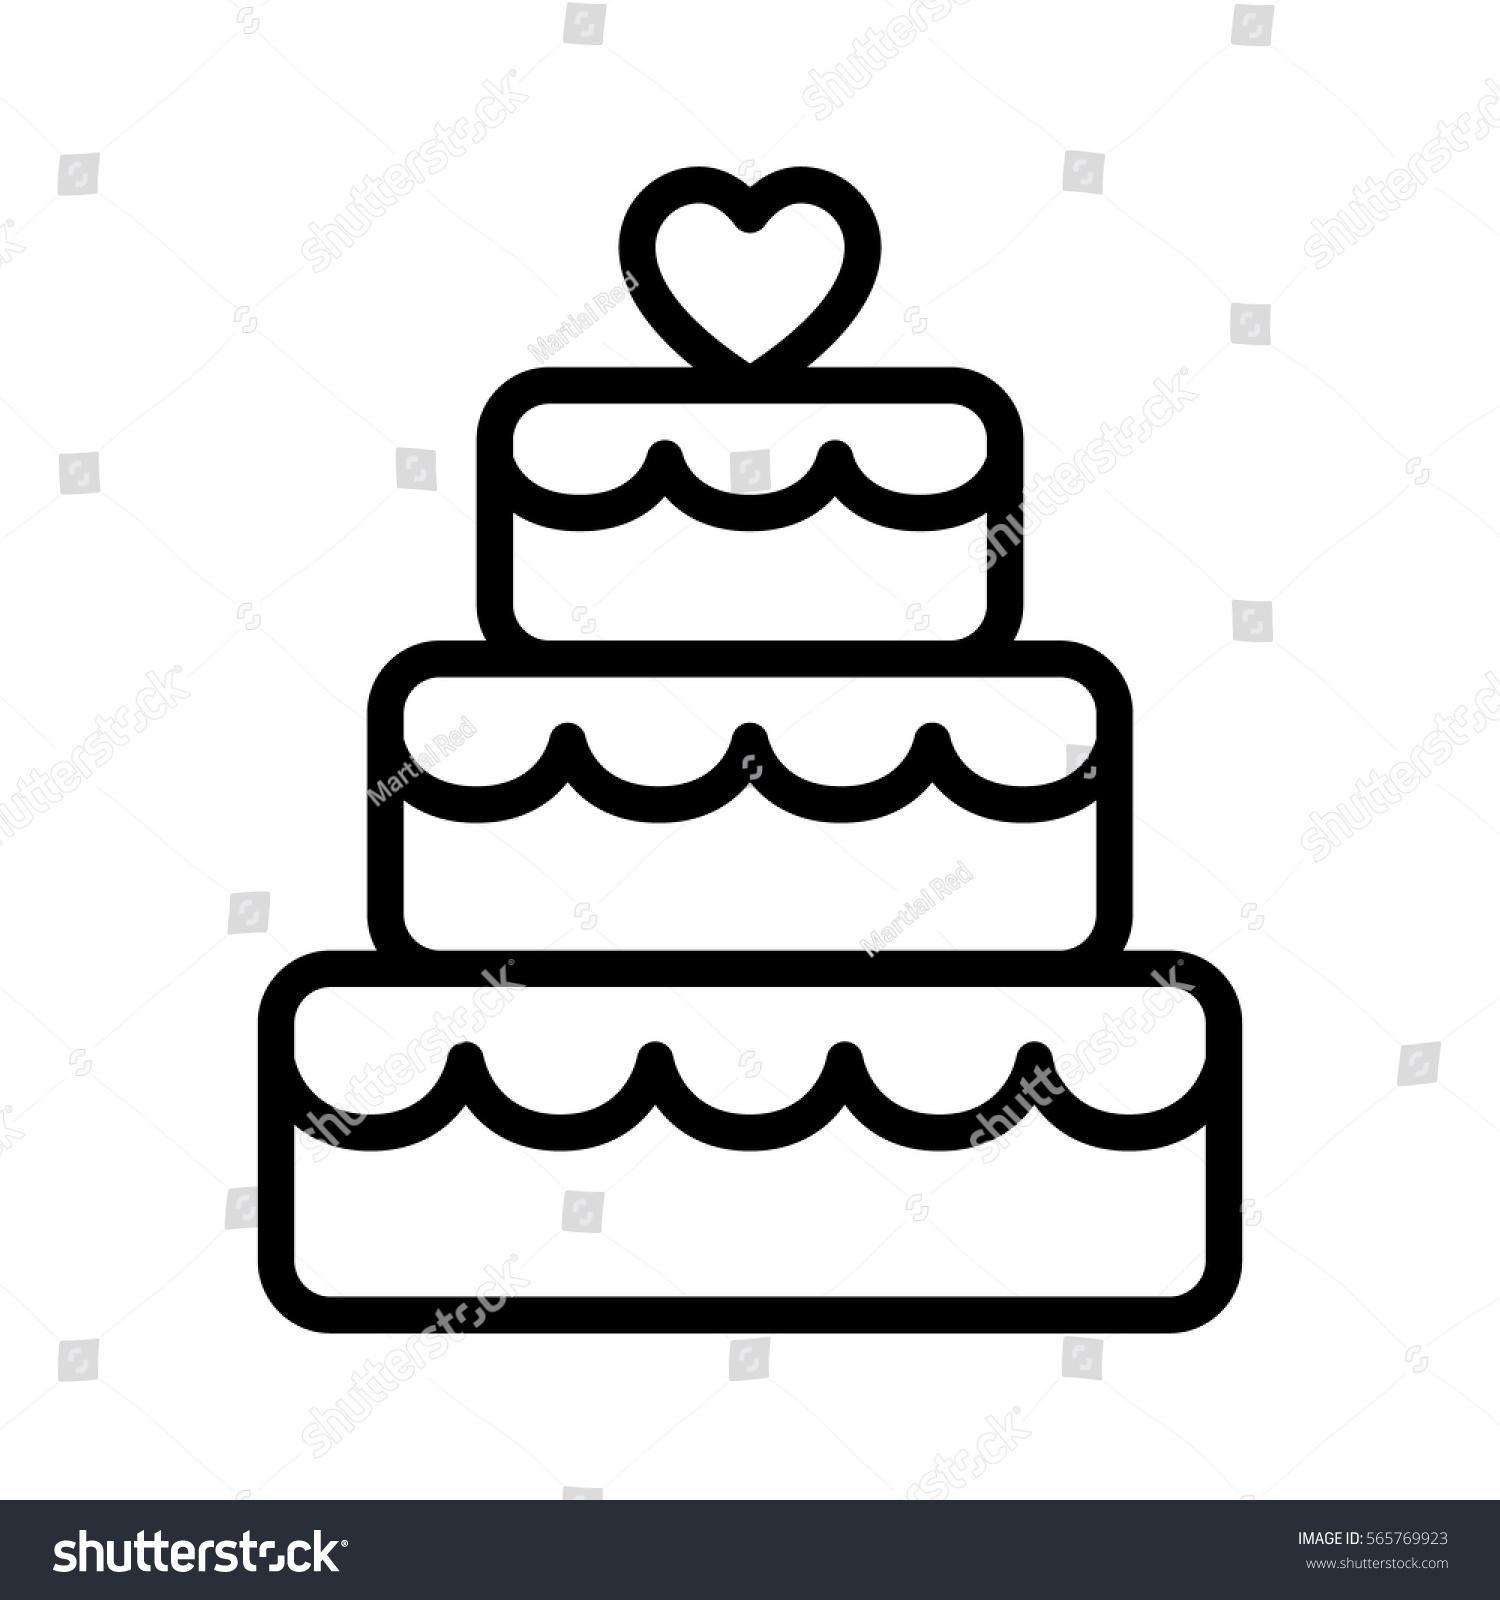 Line Art Icon : Stacked wedding cake dessert heart topper stock vector